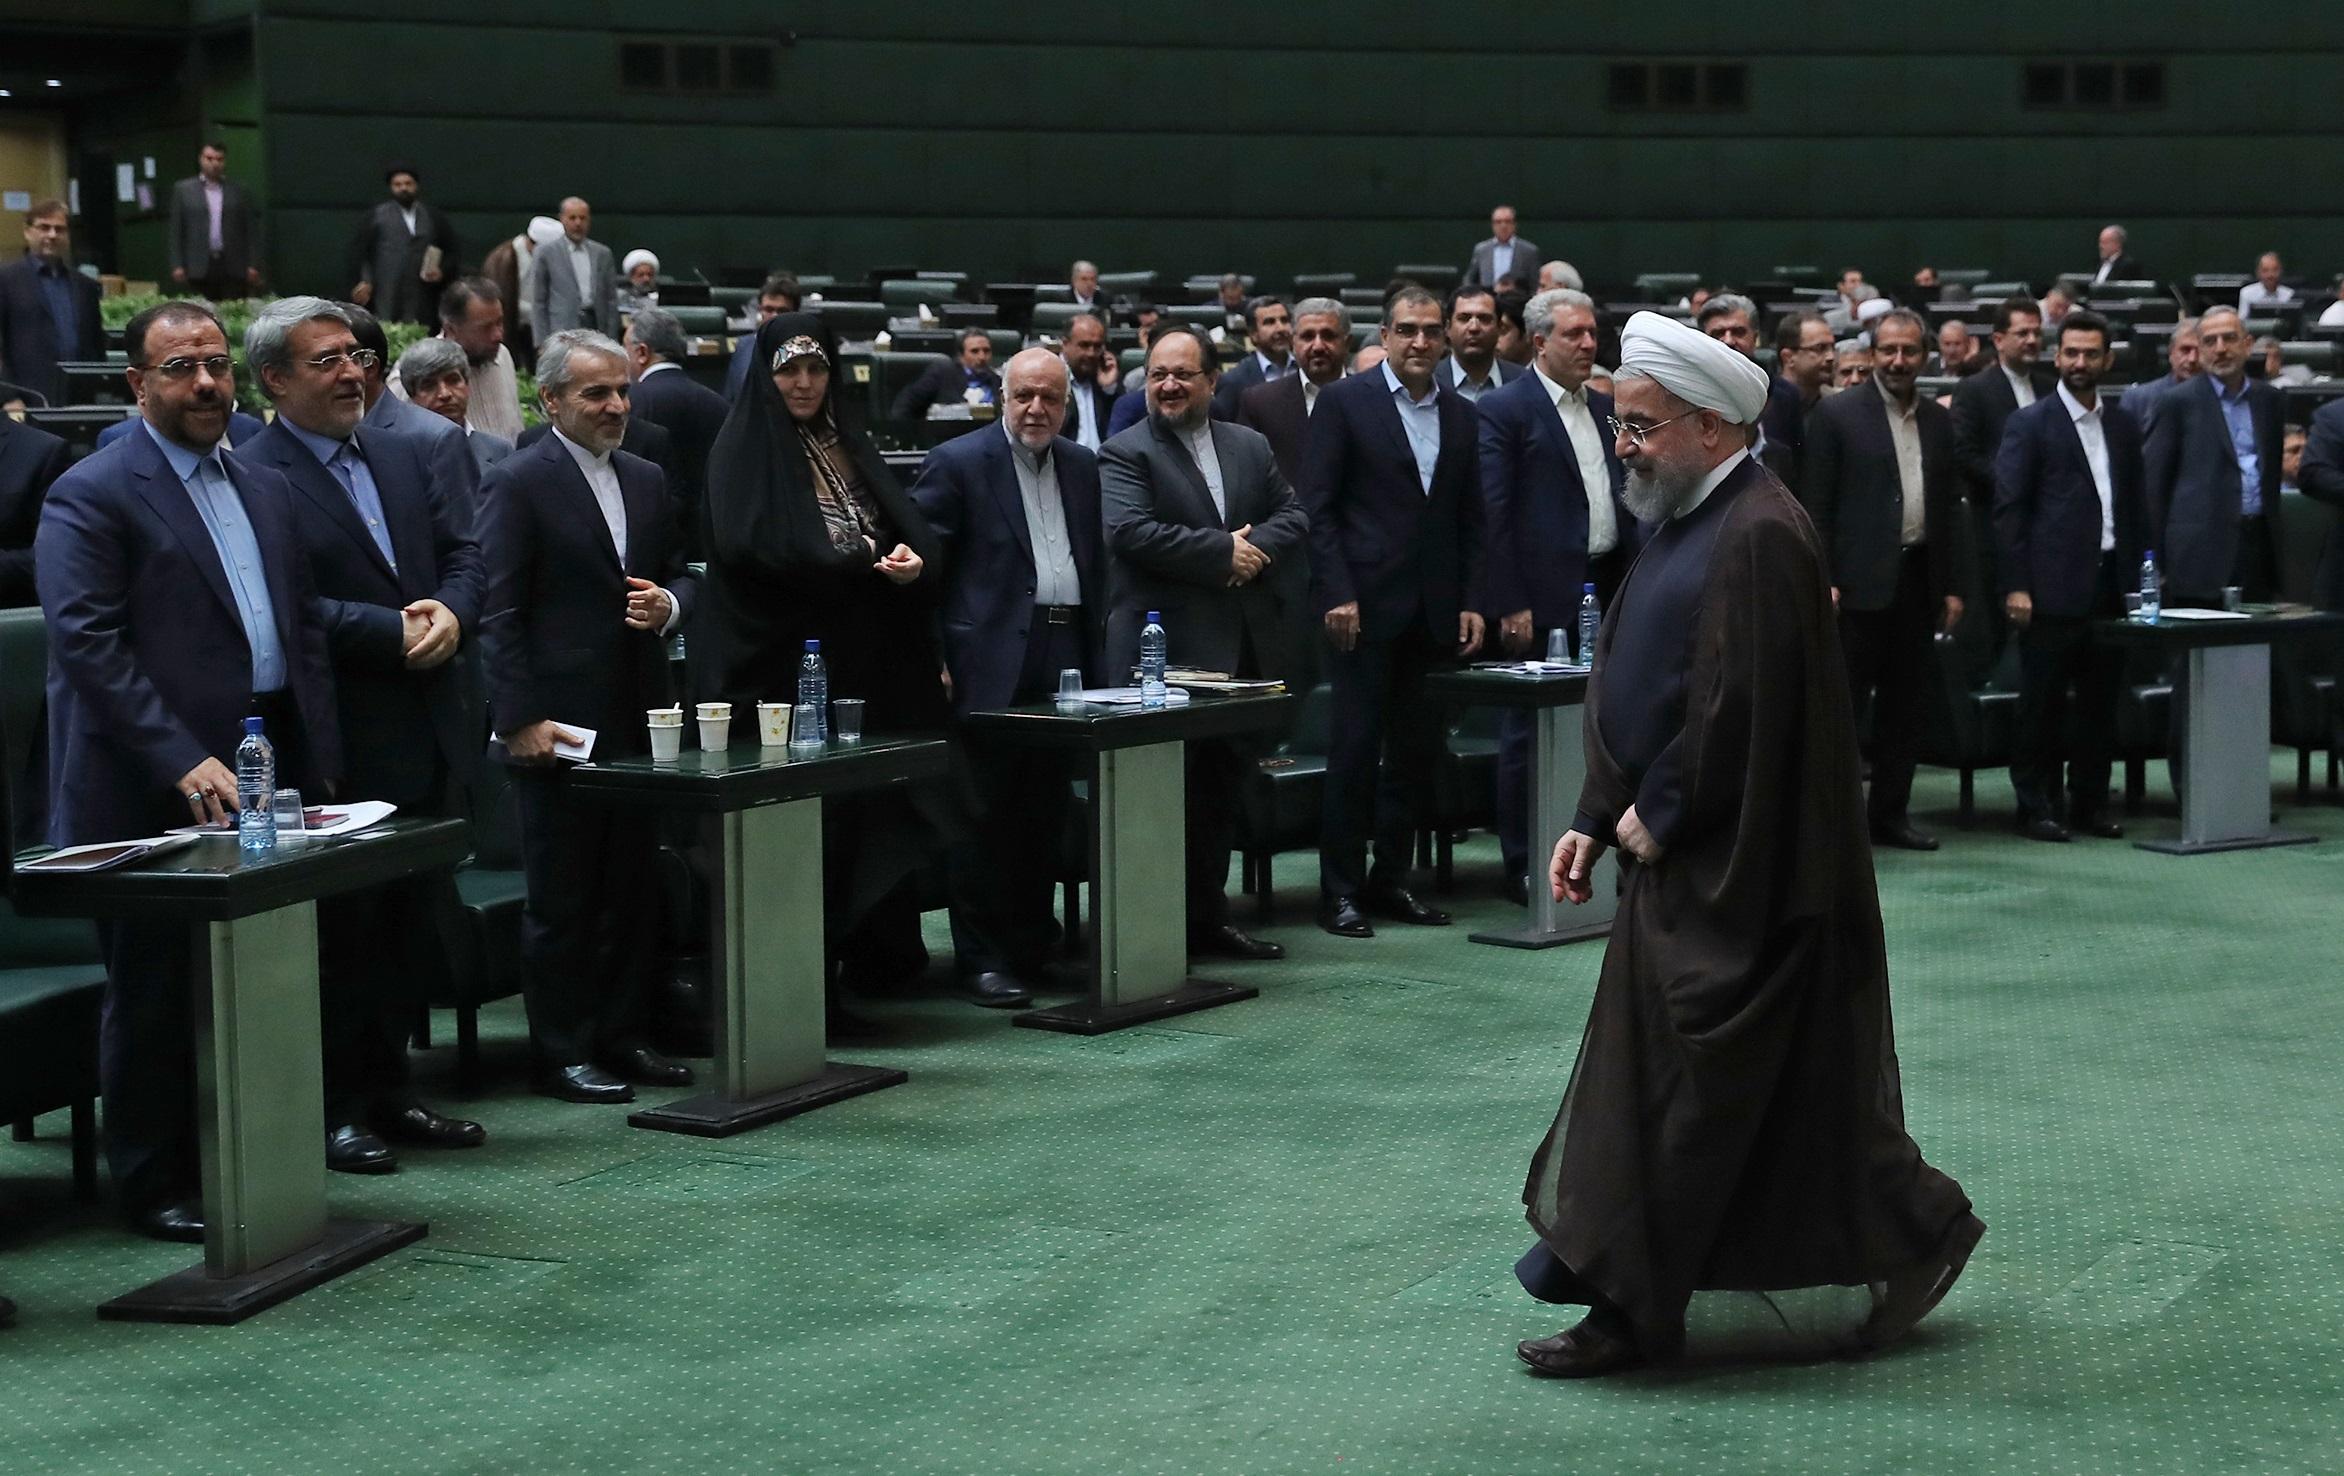 سوال از رئیس جمهور با ۵ محور اعلام وصول شد